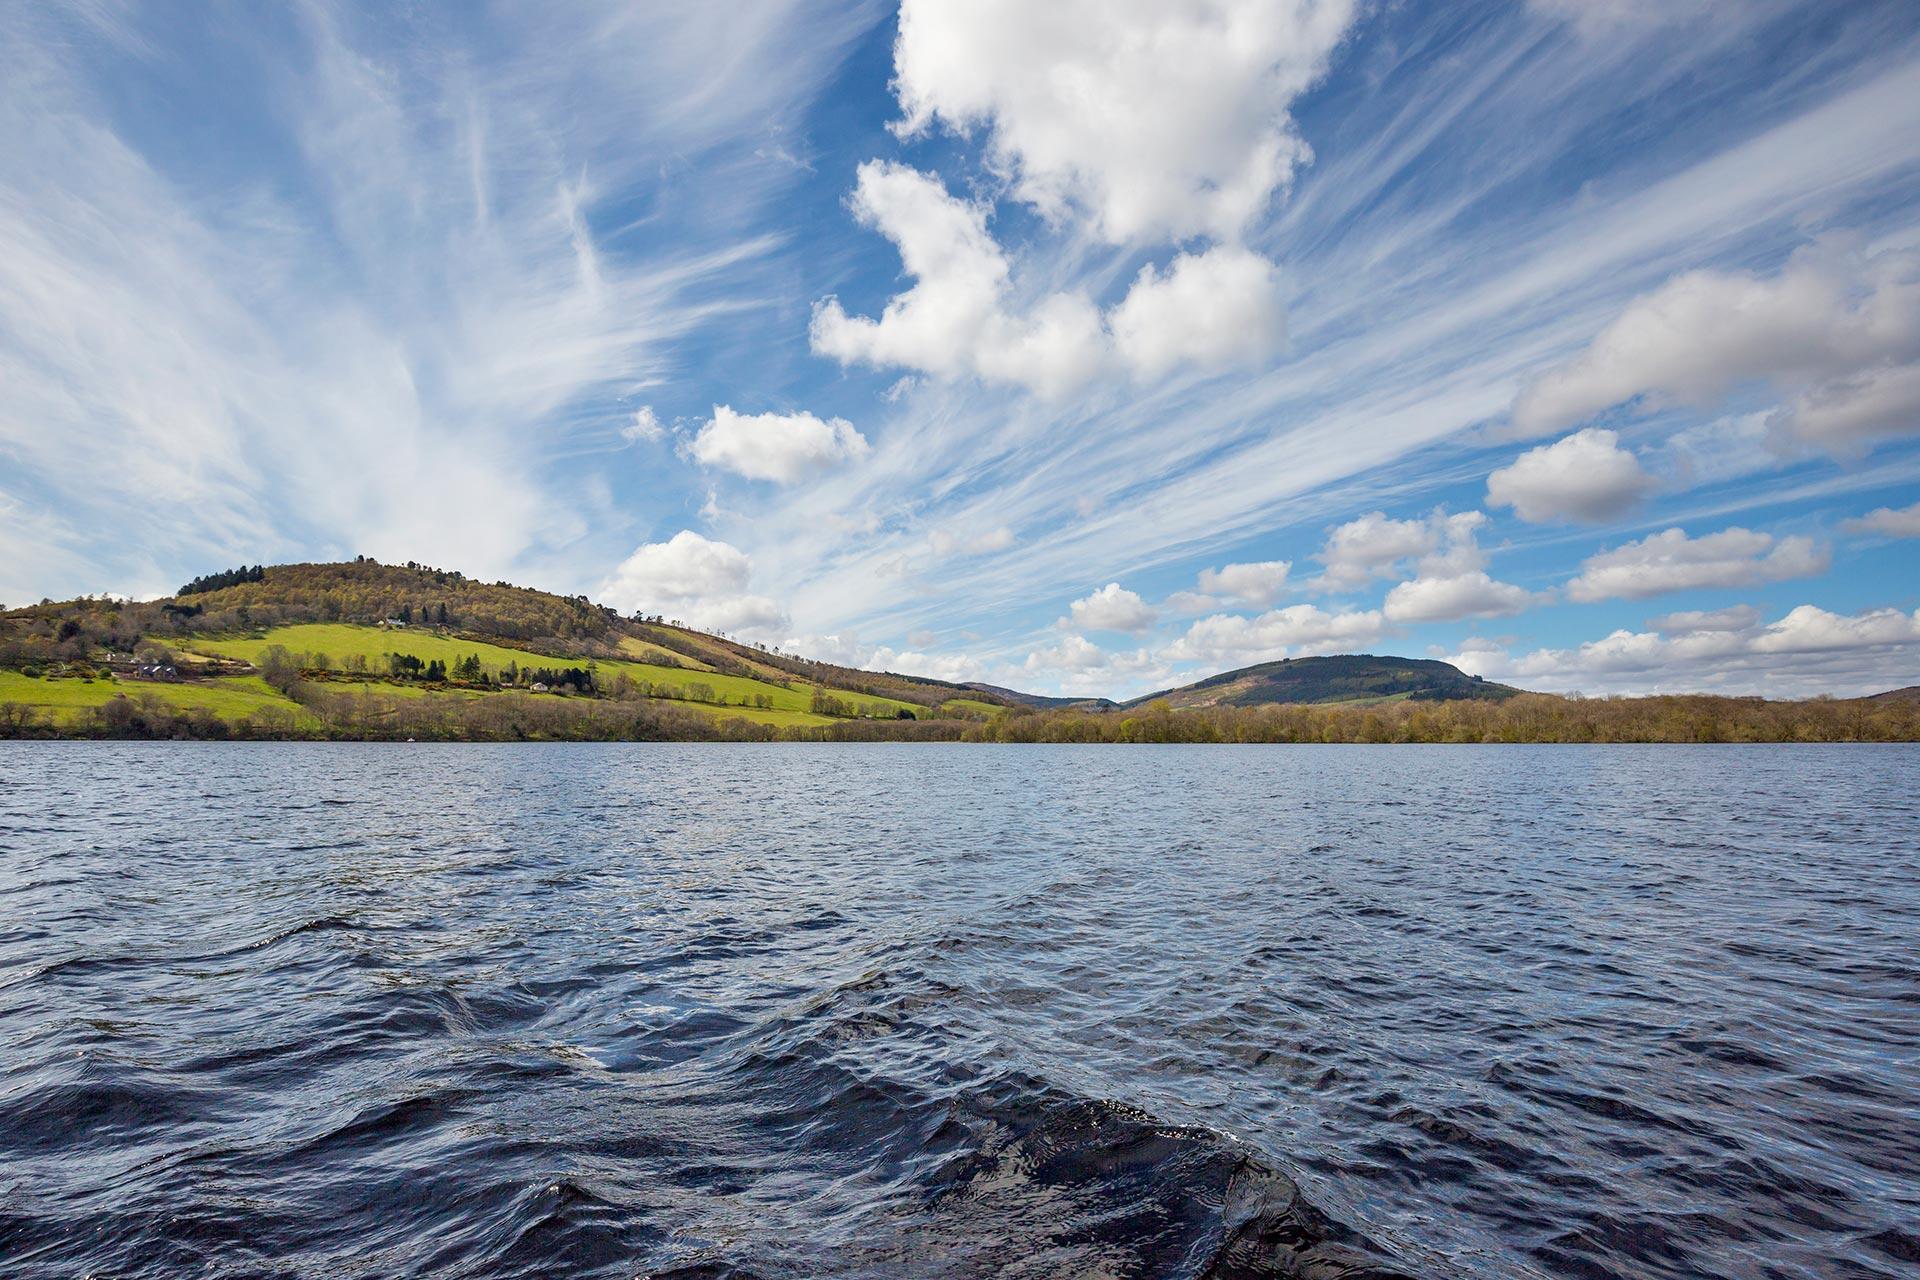 Camping in Loch Ness Campsites, Caravan Sites & Campervan